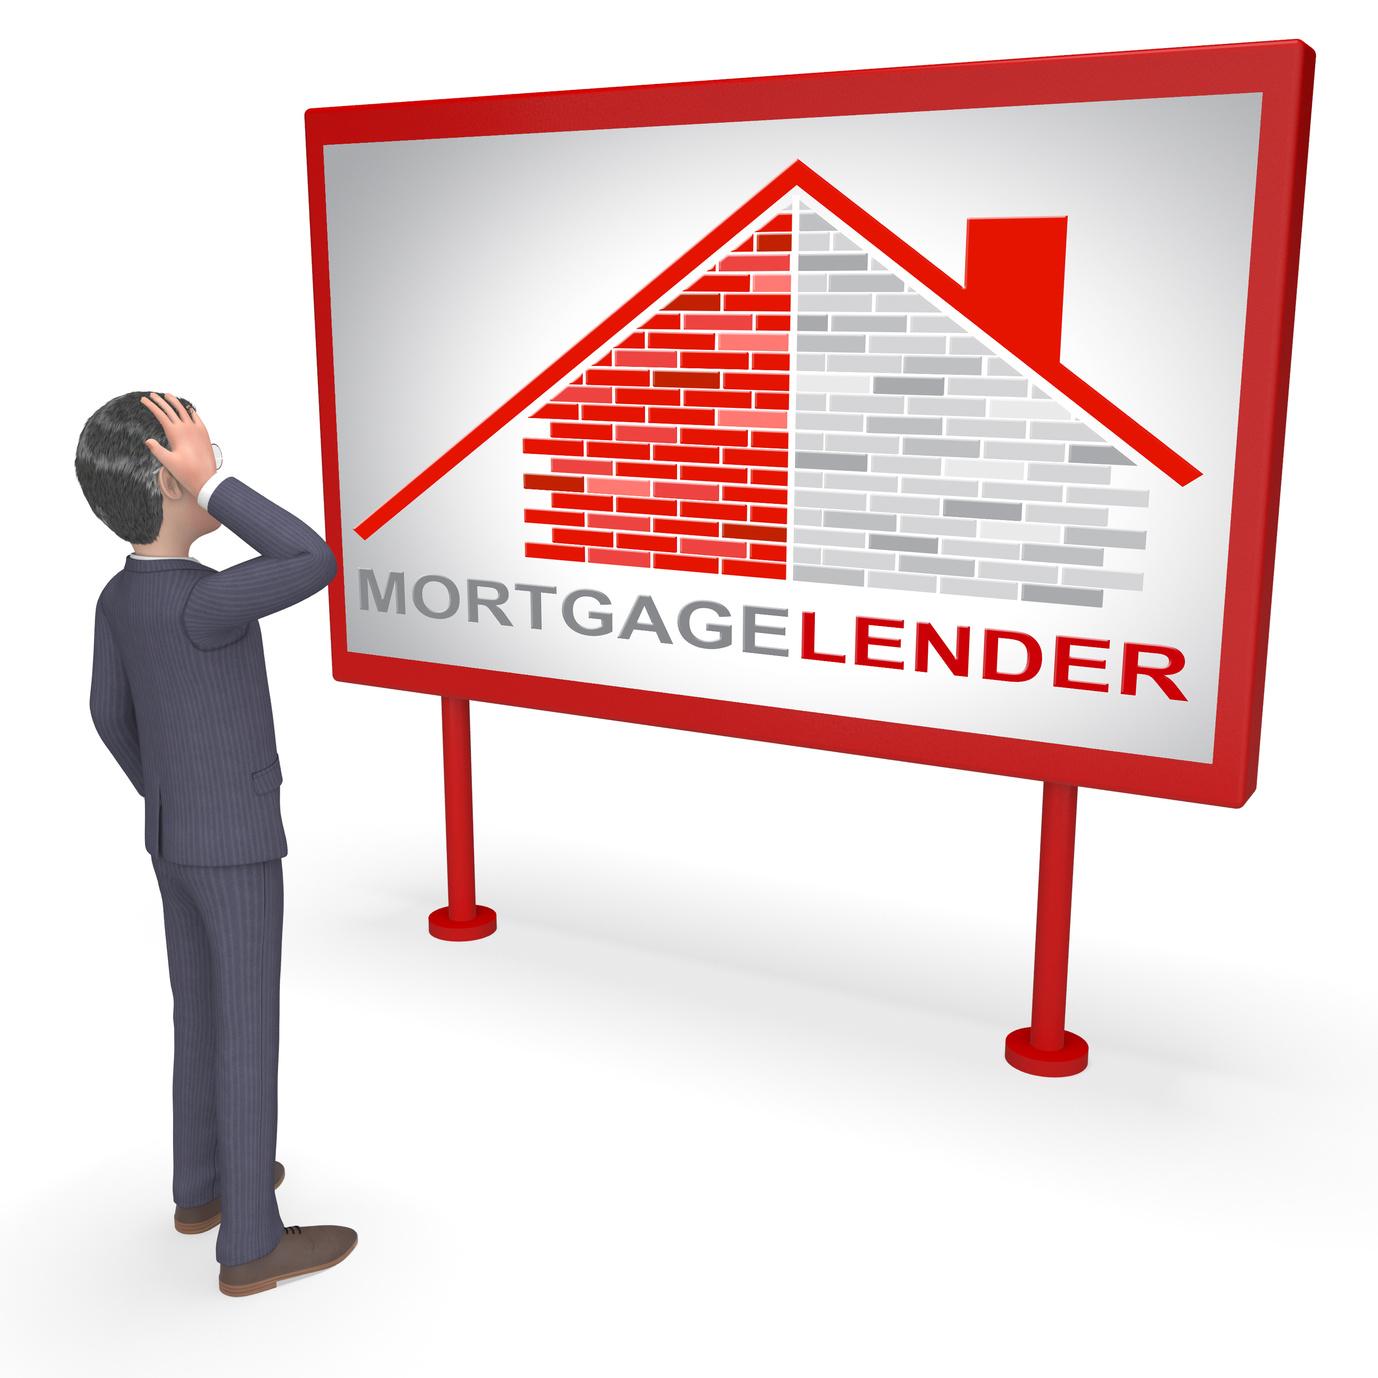 Mortgageblogpicture